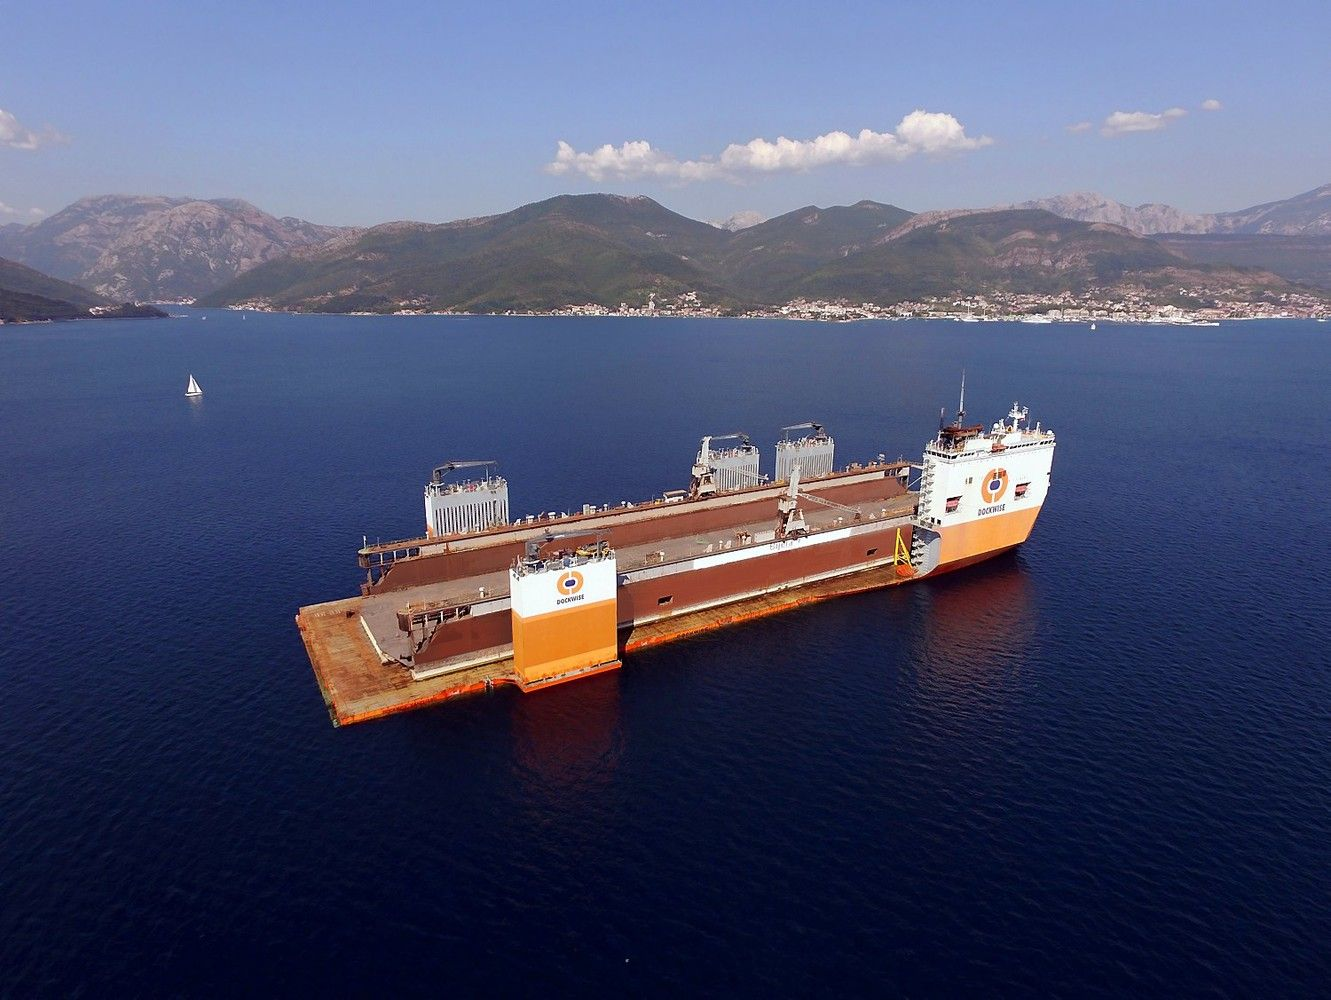 Didžiausias pasaulyje laivas į Klaipėdą atplukdo VLG doką